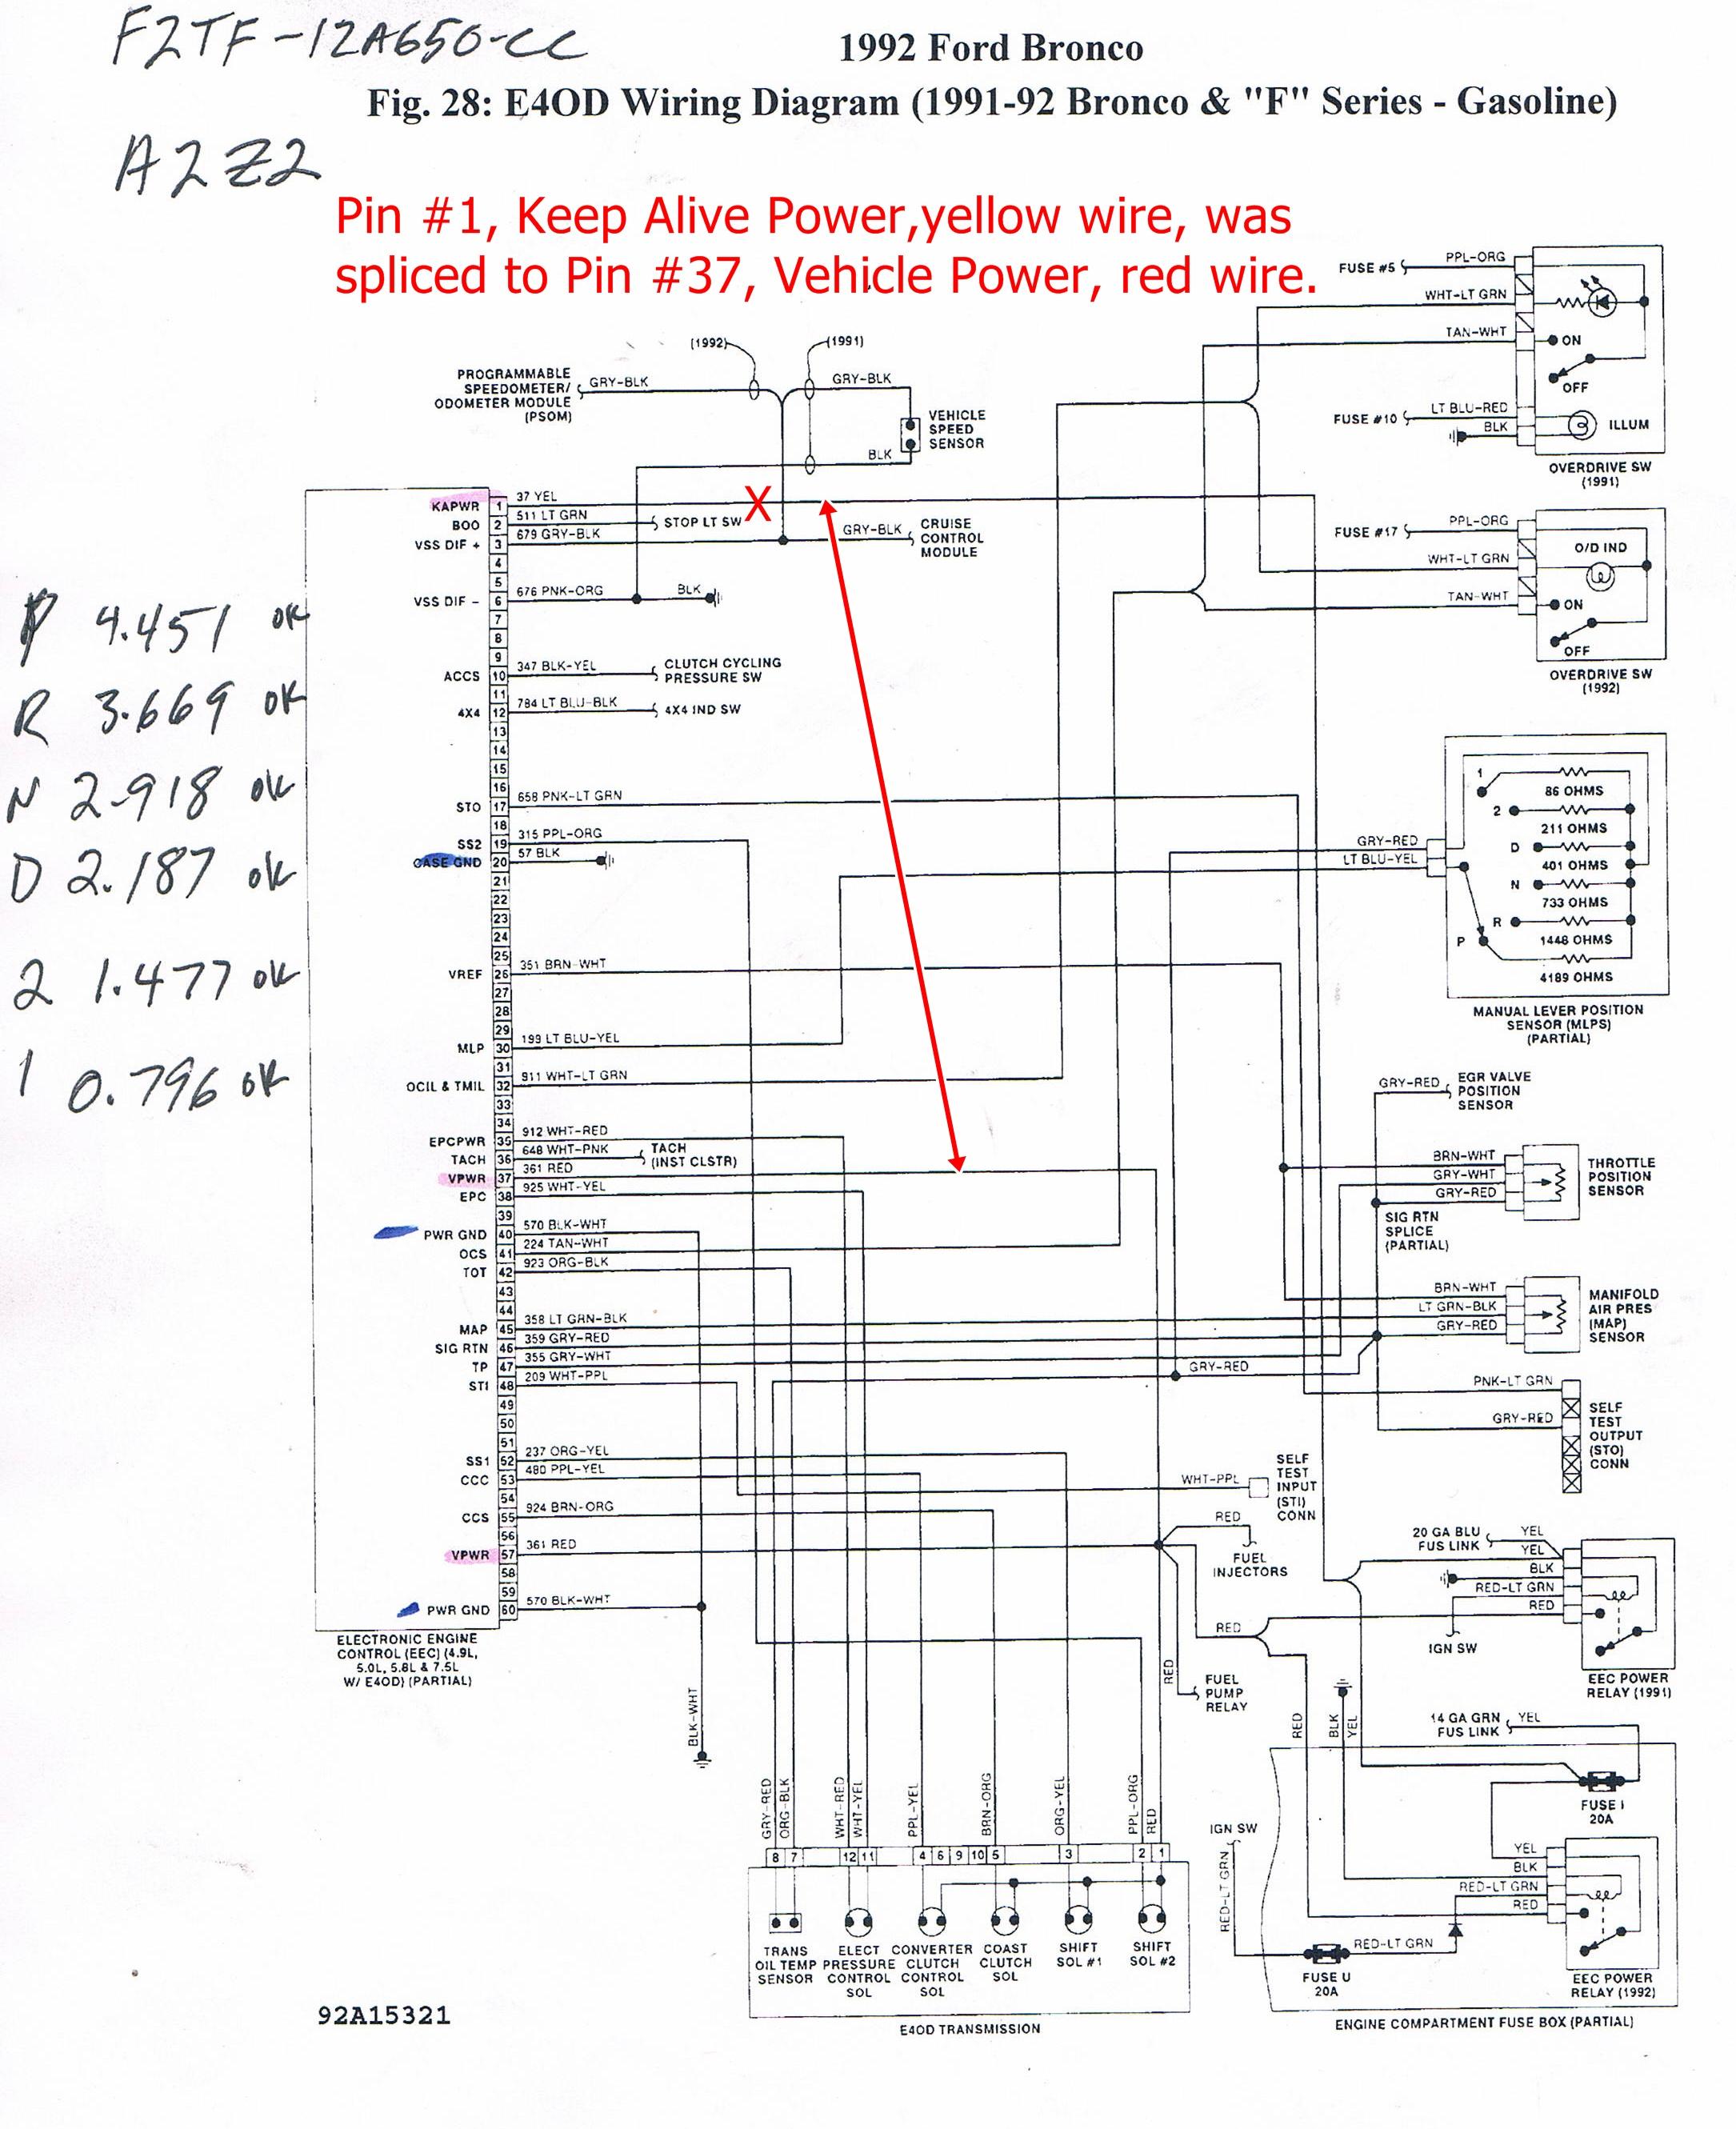 [SCHEMATICS_48IS]  2002 Lesabre Headlight Wiring Diagram - 97 Blazer Fuel Pump Wiring Diagram  for Wiring Diagram Schematics | 2001 Buick Lesabre Abs Wiring Diagram |  | Wiring Diagram Schematics